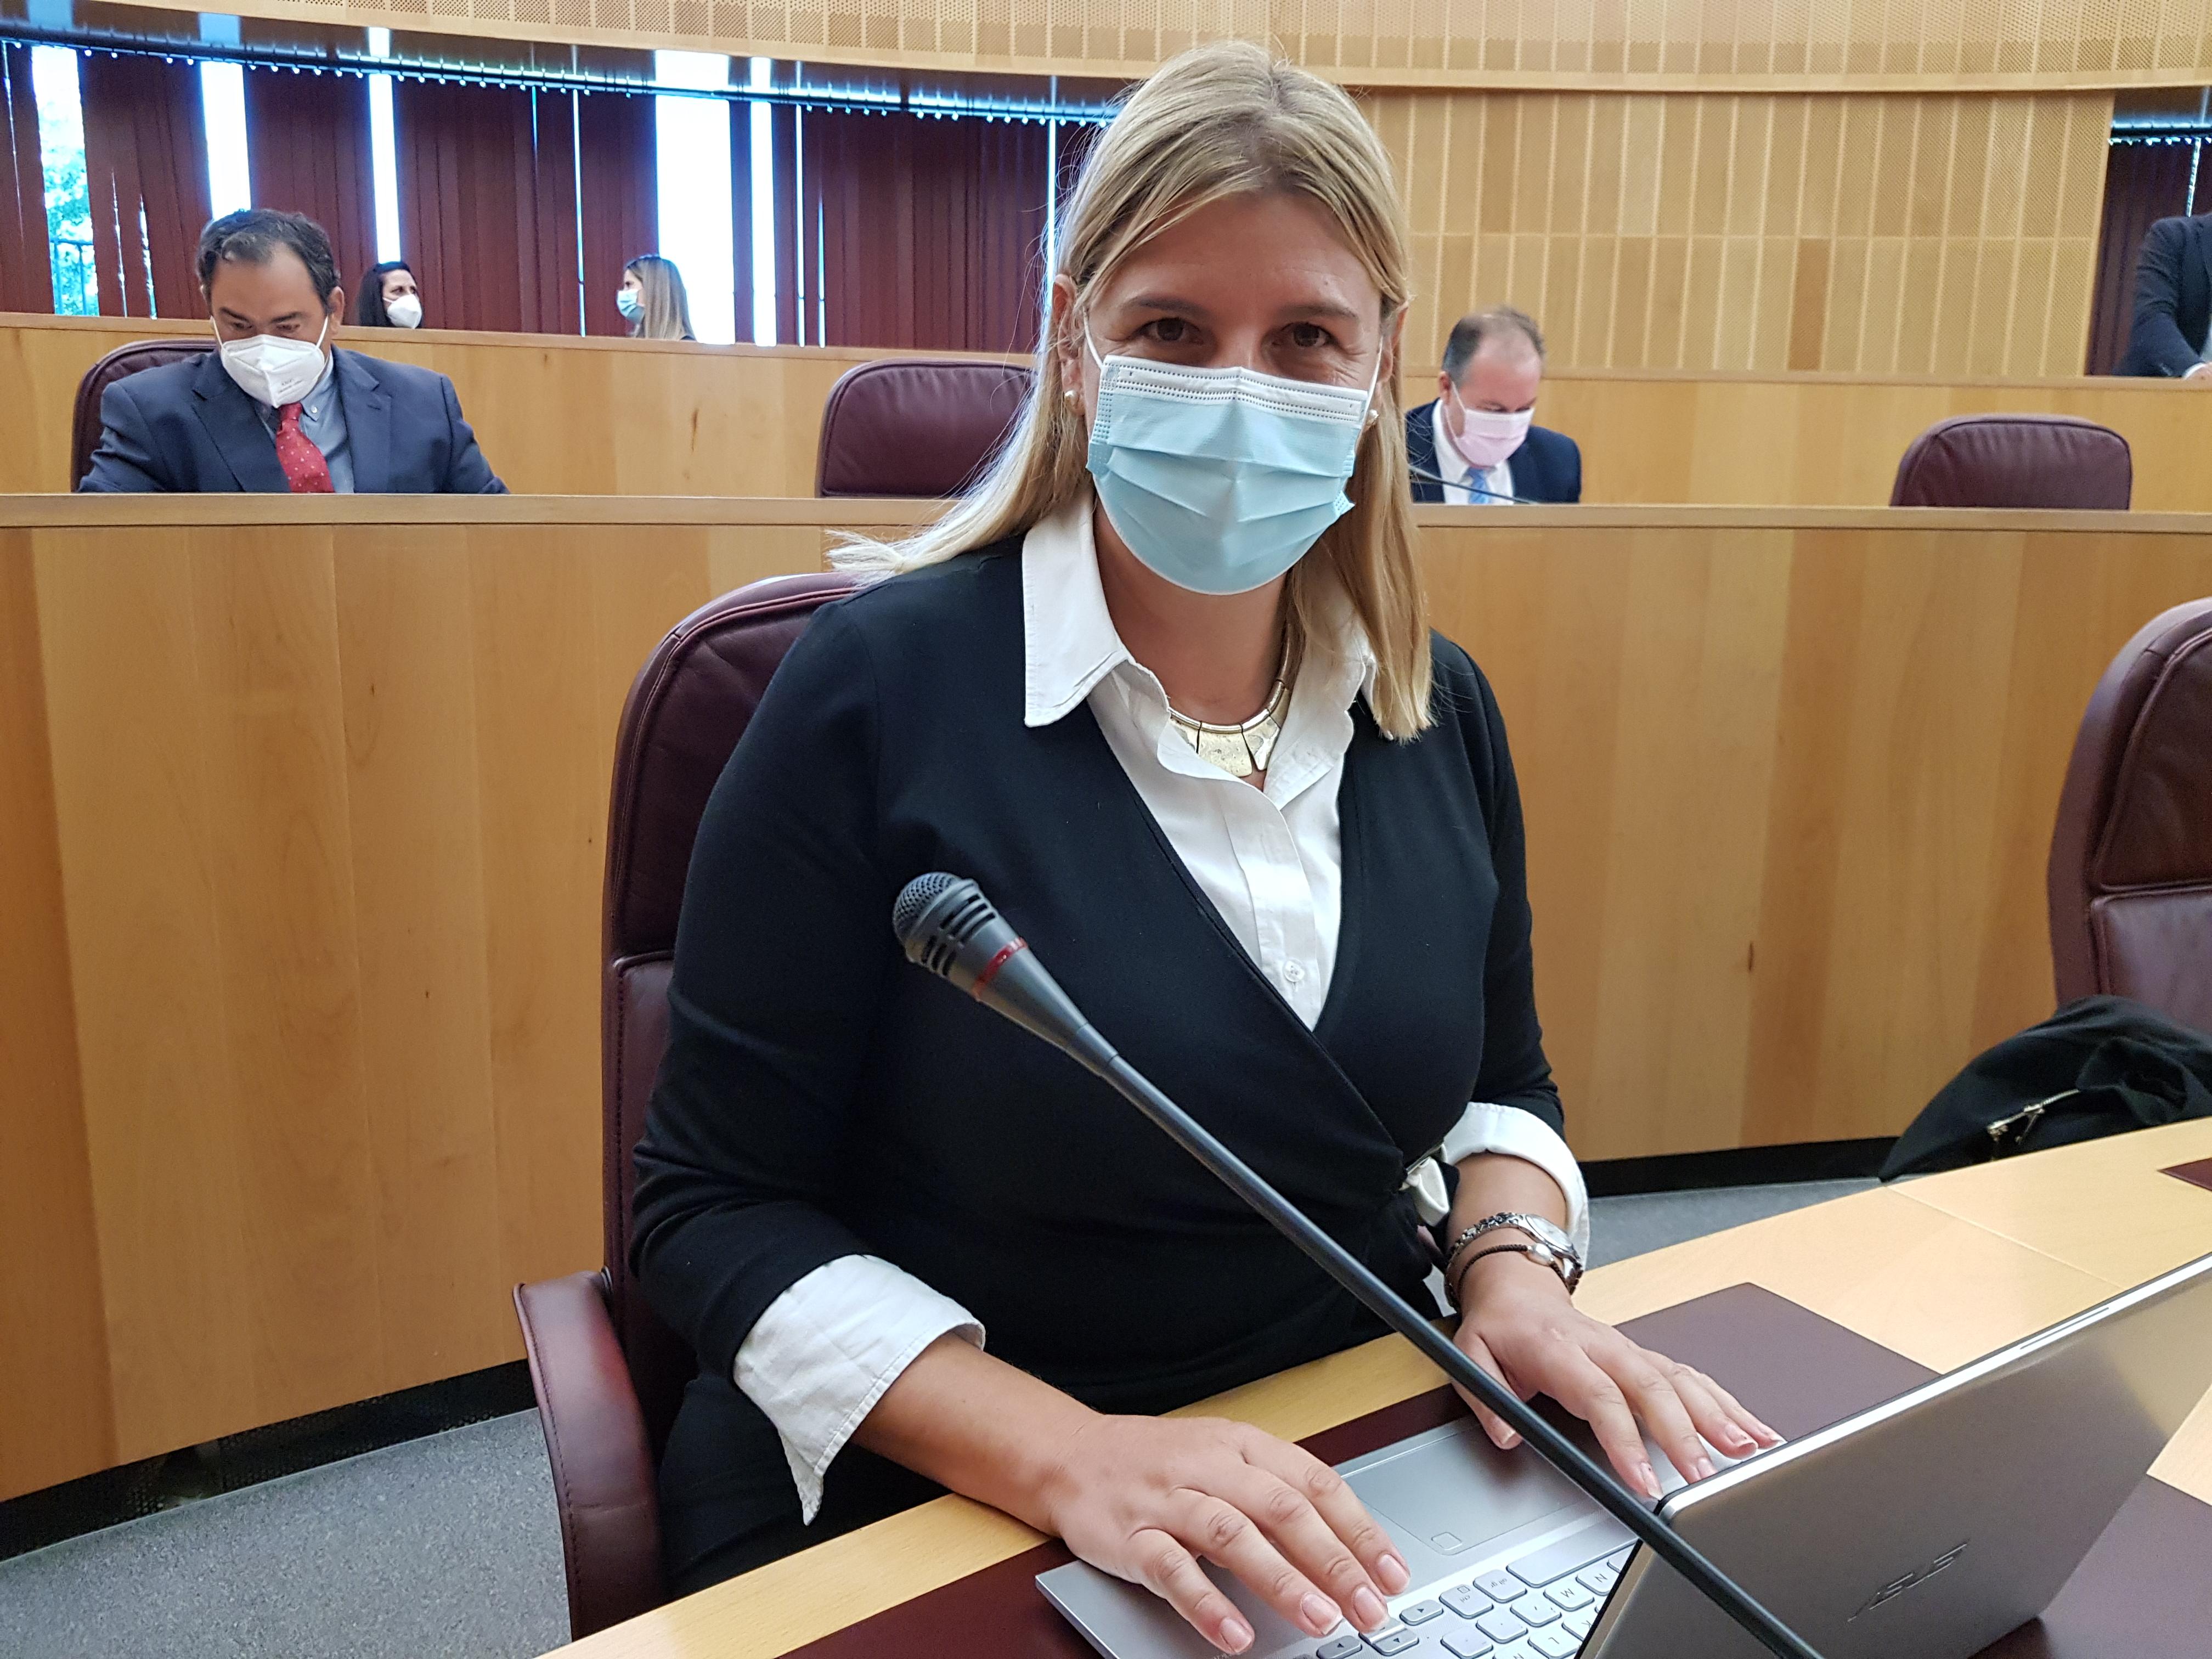 El PP critica que la Izquierda en Diputación dedique parte de un pleno a la Ley de Memoria Histórica